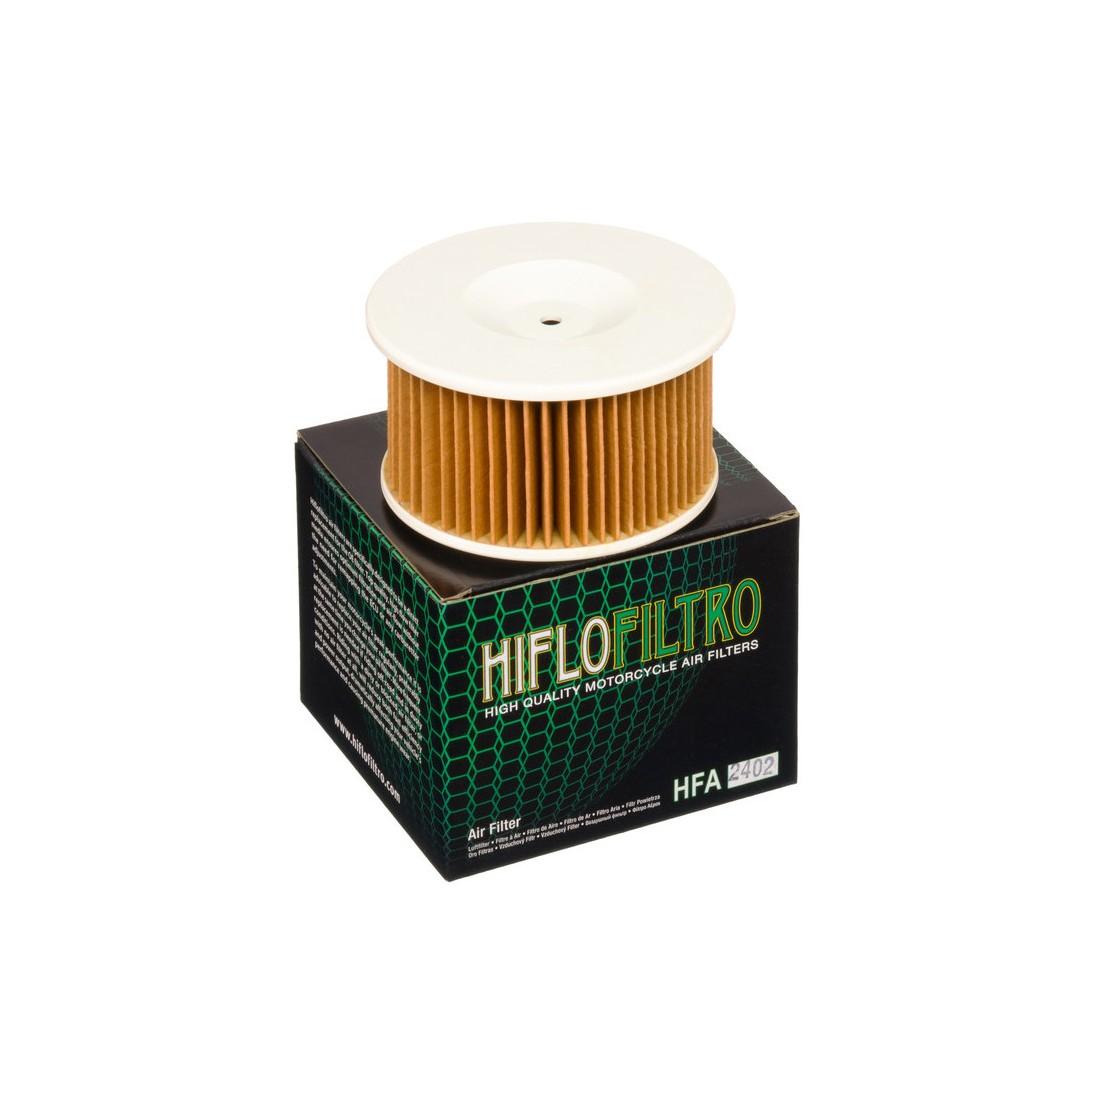 Filtro Aire Hiflofiltro HFA2402